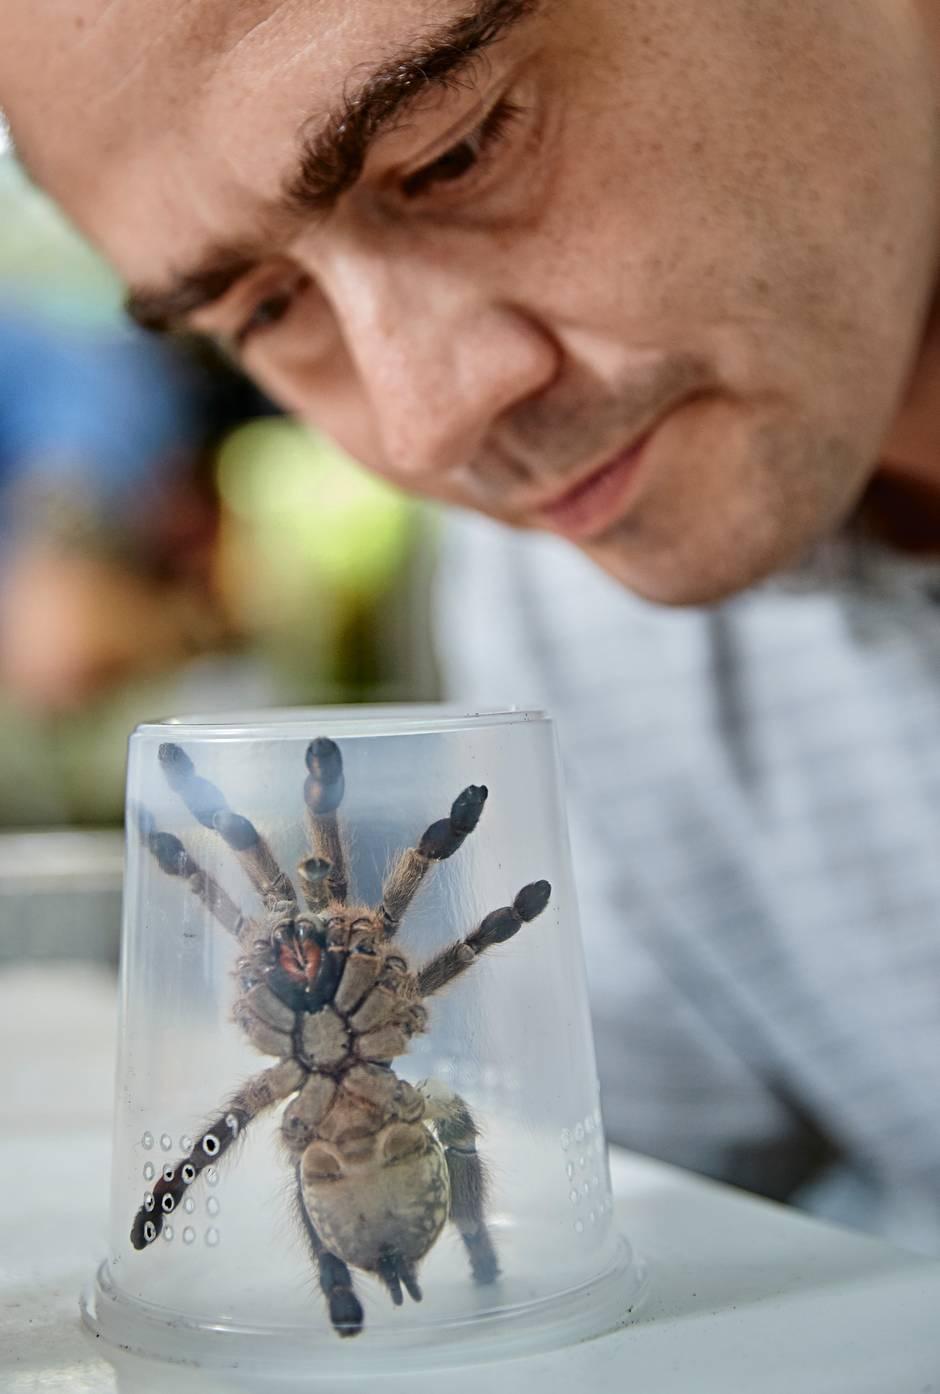 Tiergift-Forschung: Wie viel Heilkraft verbirgt sich der Natur?